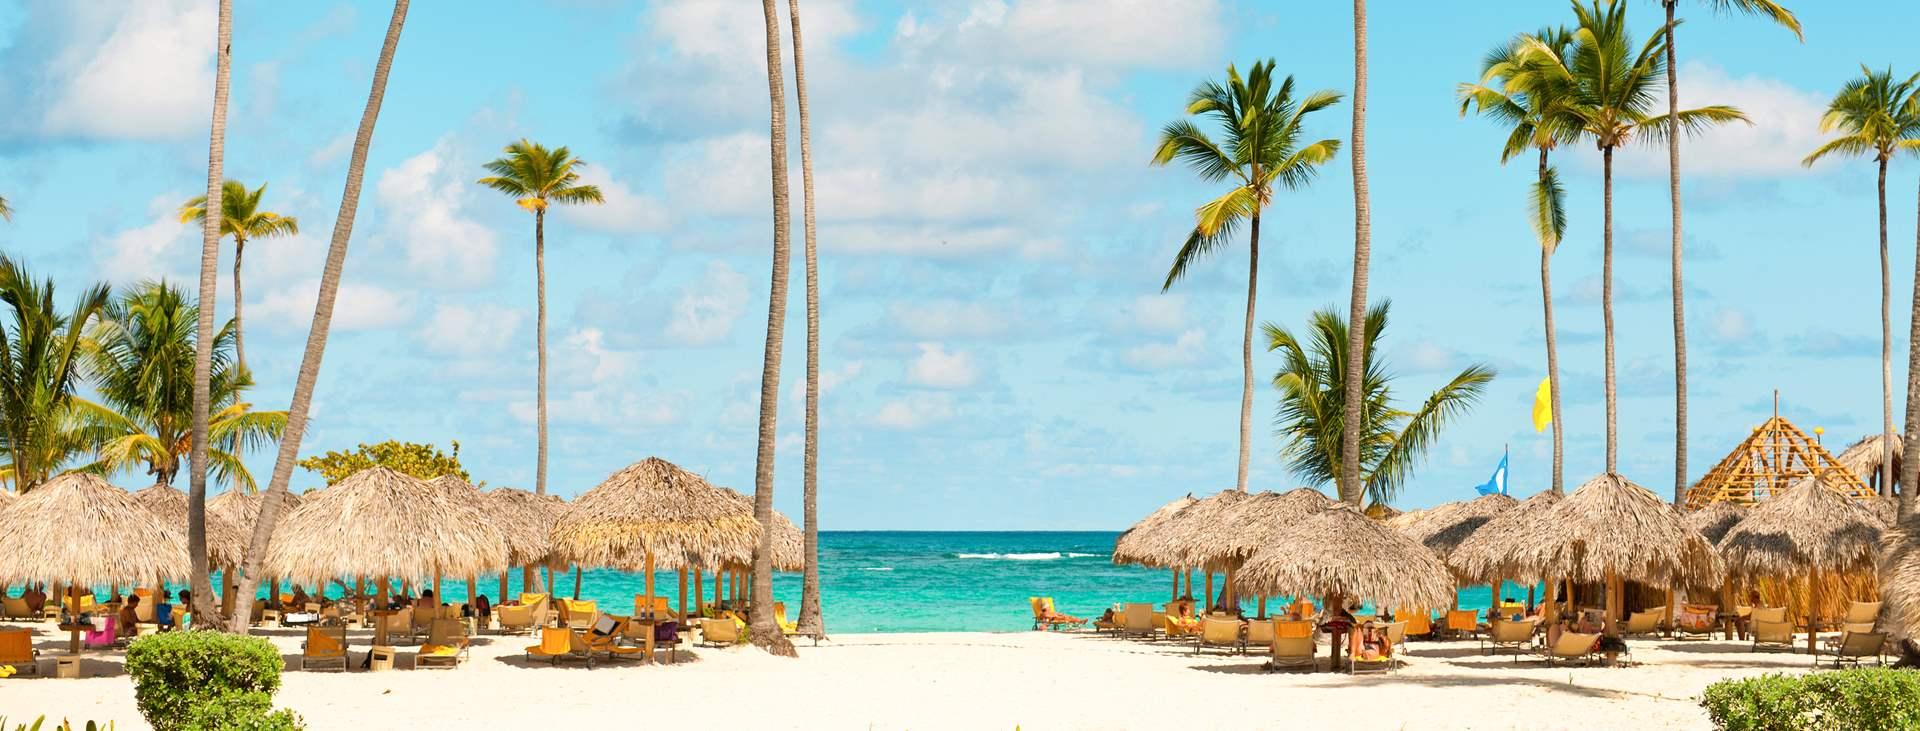 Vietä loma All Inclusive -hotellissa Punta Canassa